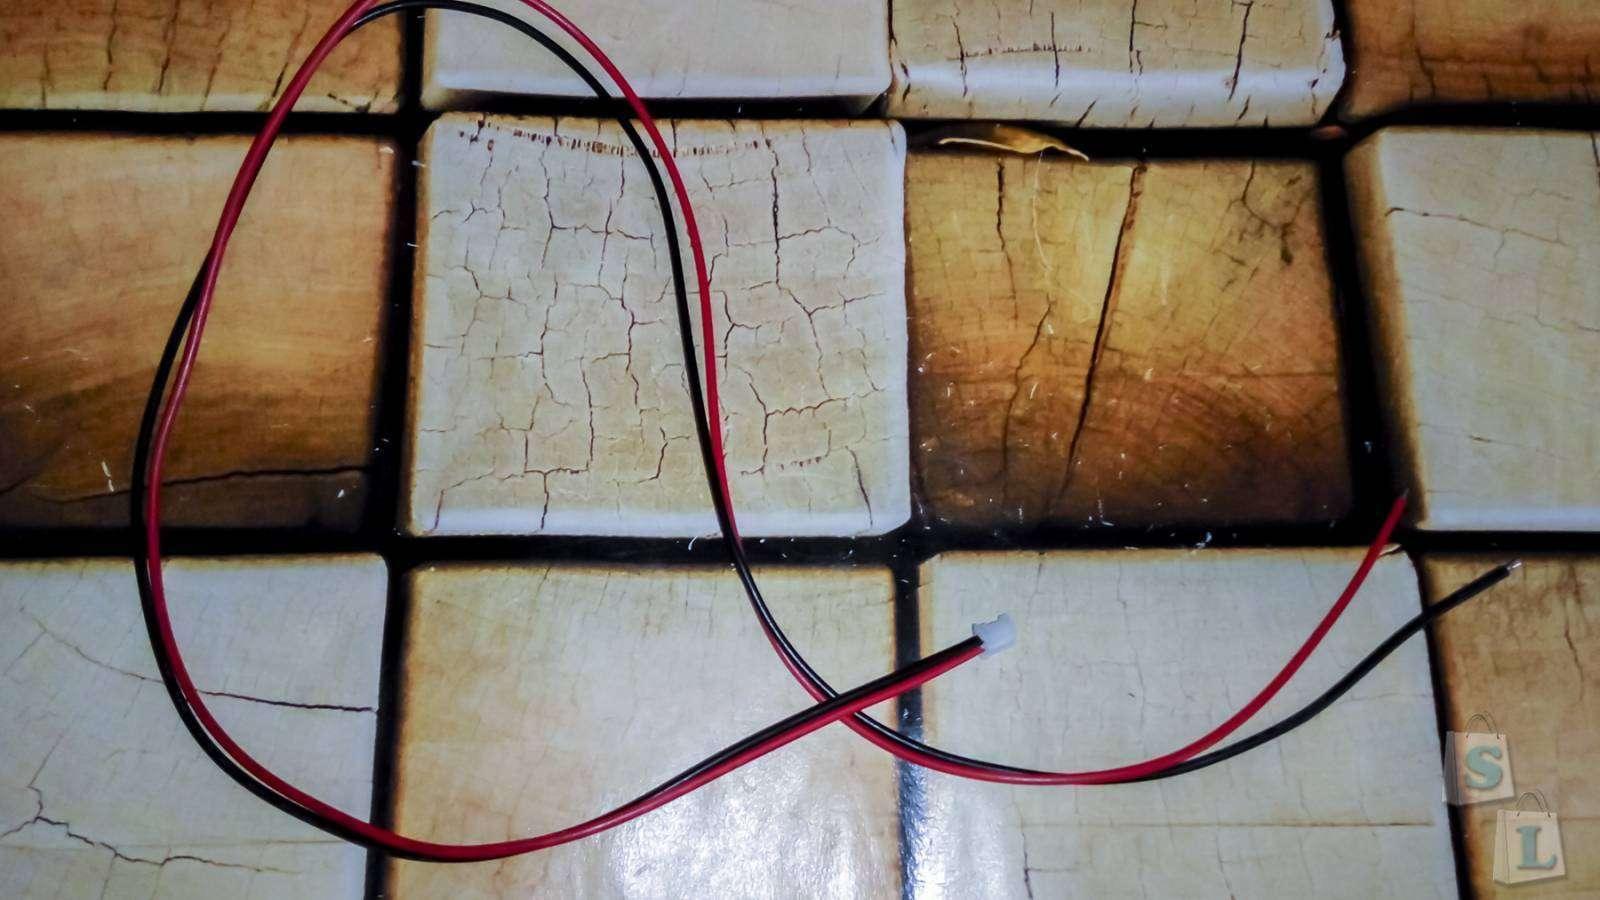 Banggood: О проводах, разъемах и унификации